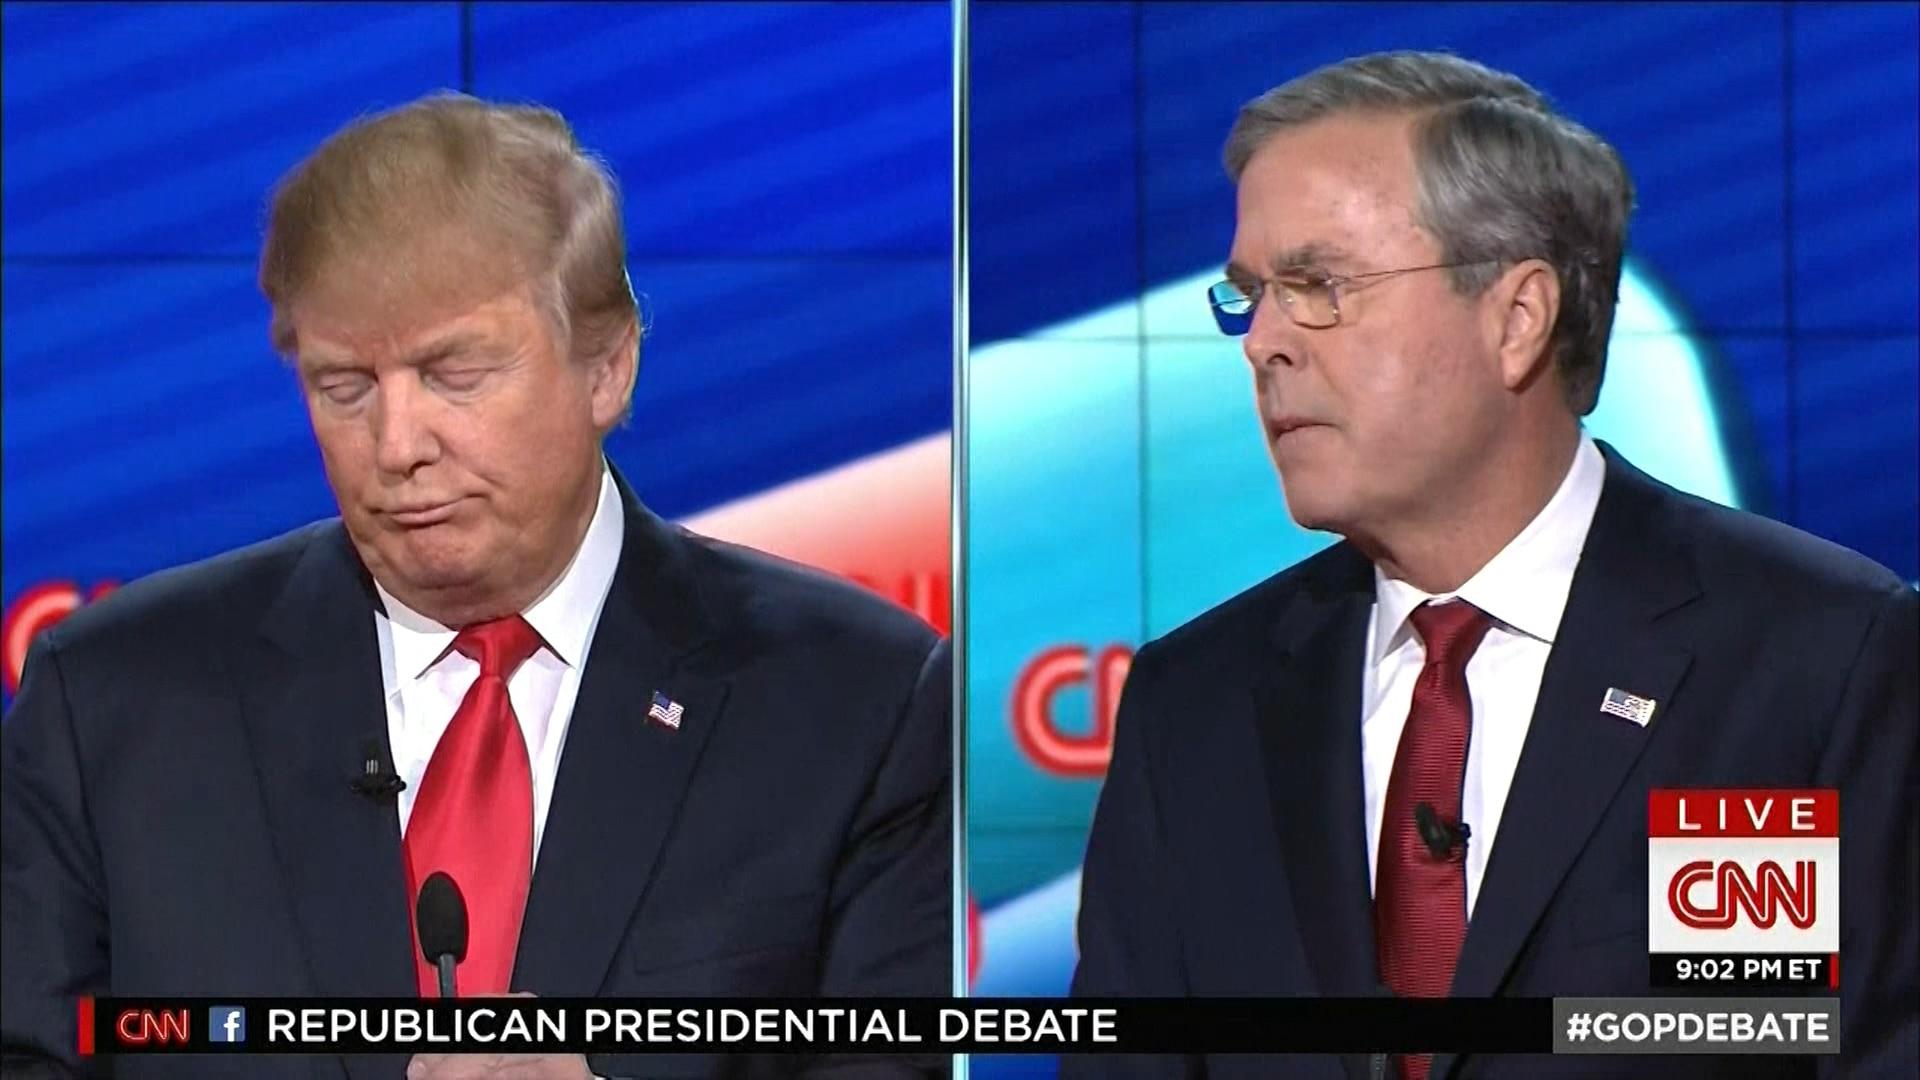 Jeb Bush: 'Trump será um presidente caos'